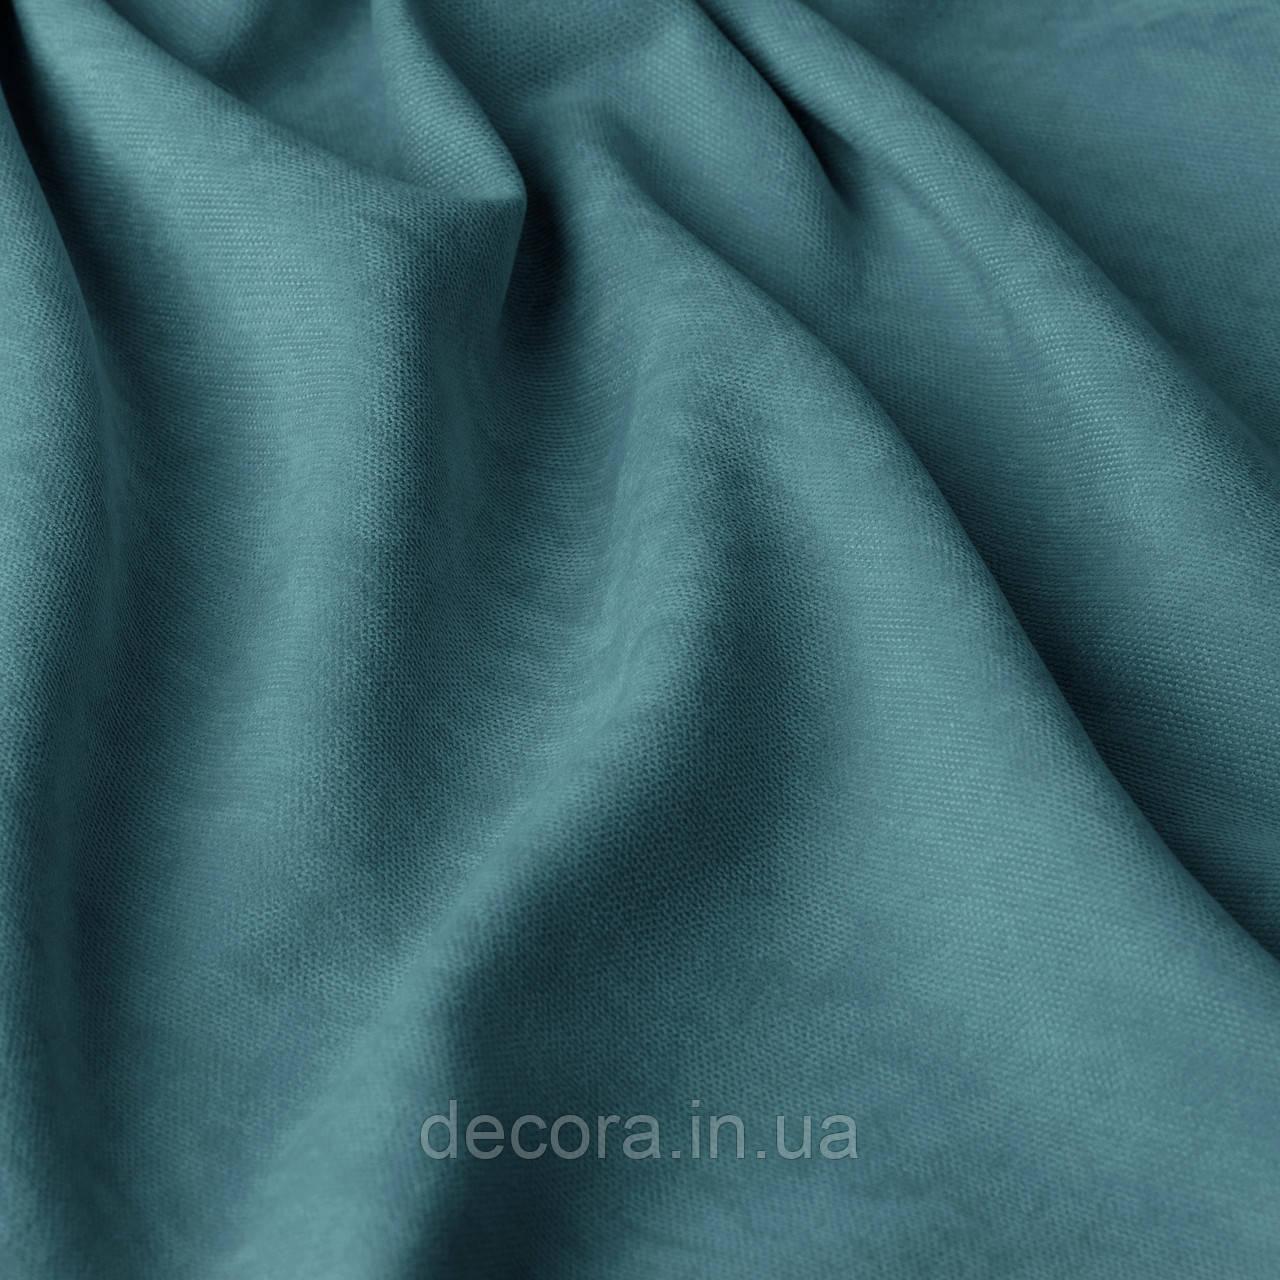 Римська штора із однотонної тканини велюр, голубий 121000v48